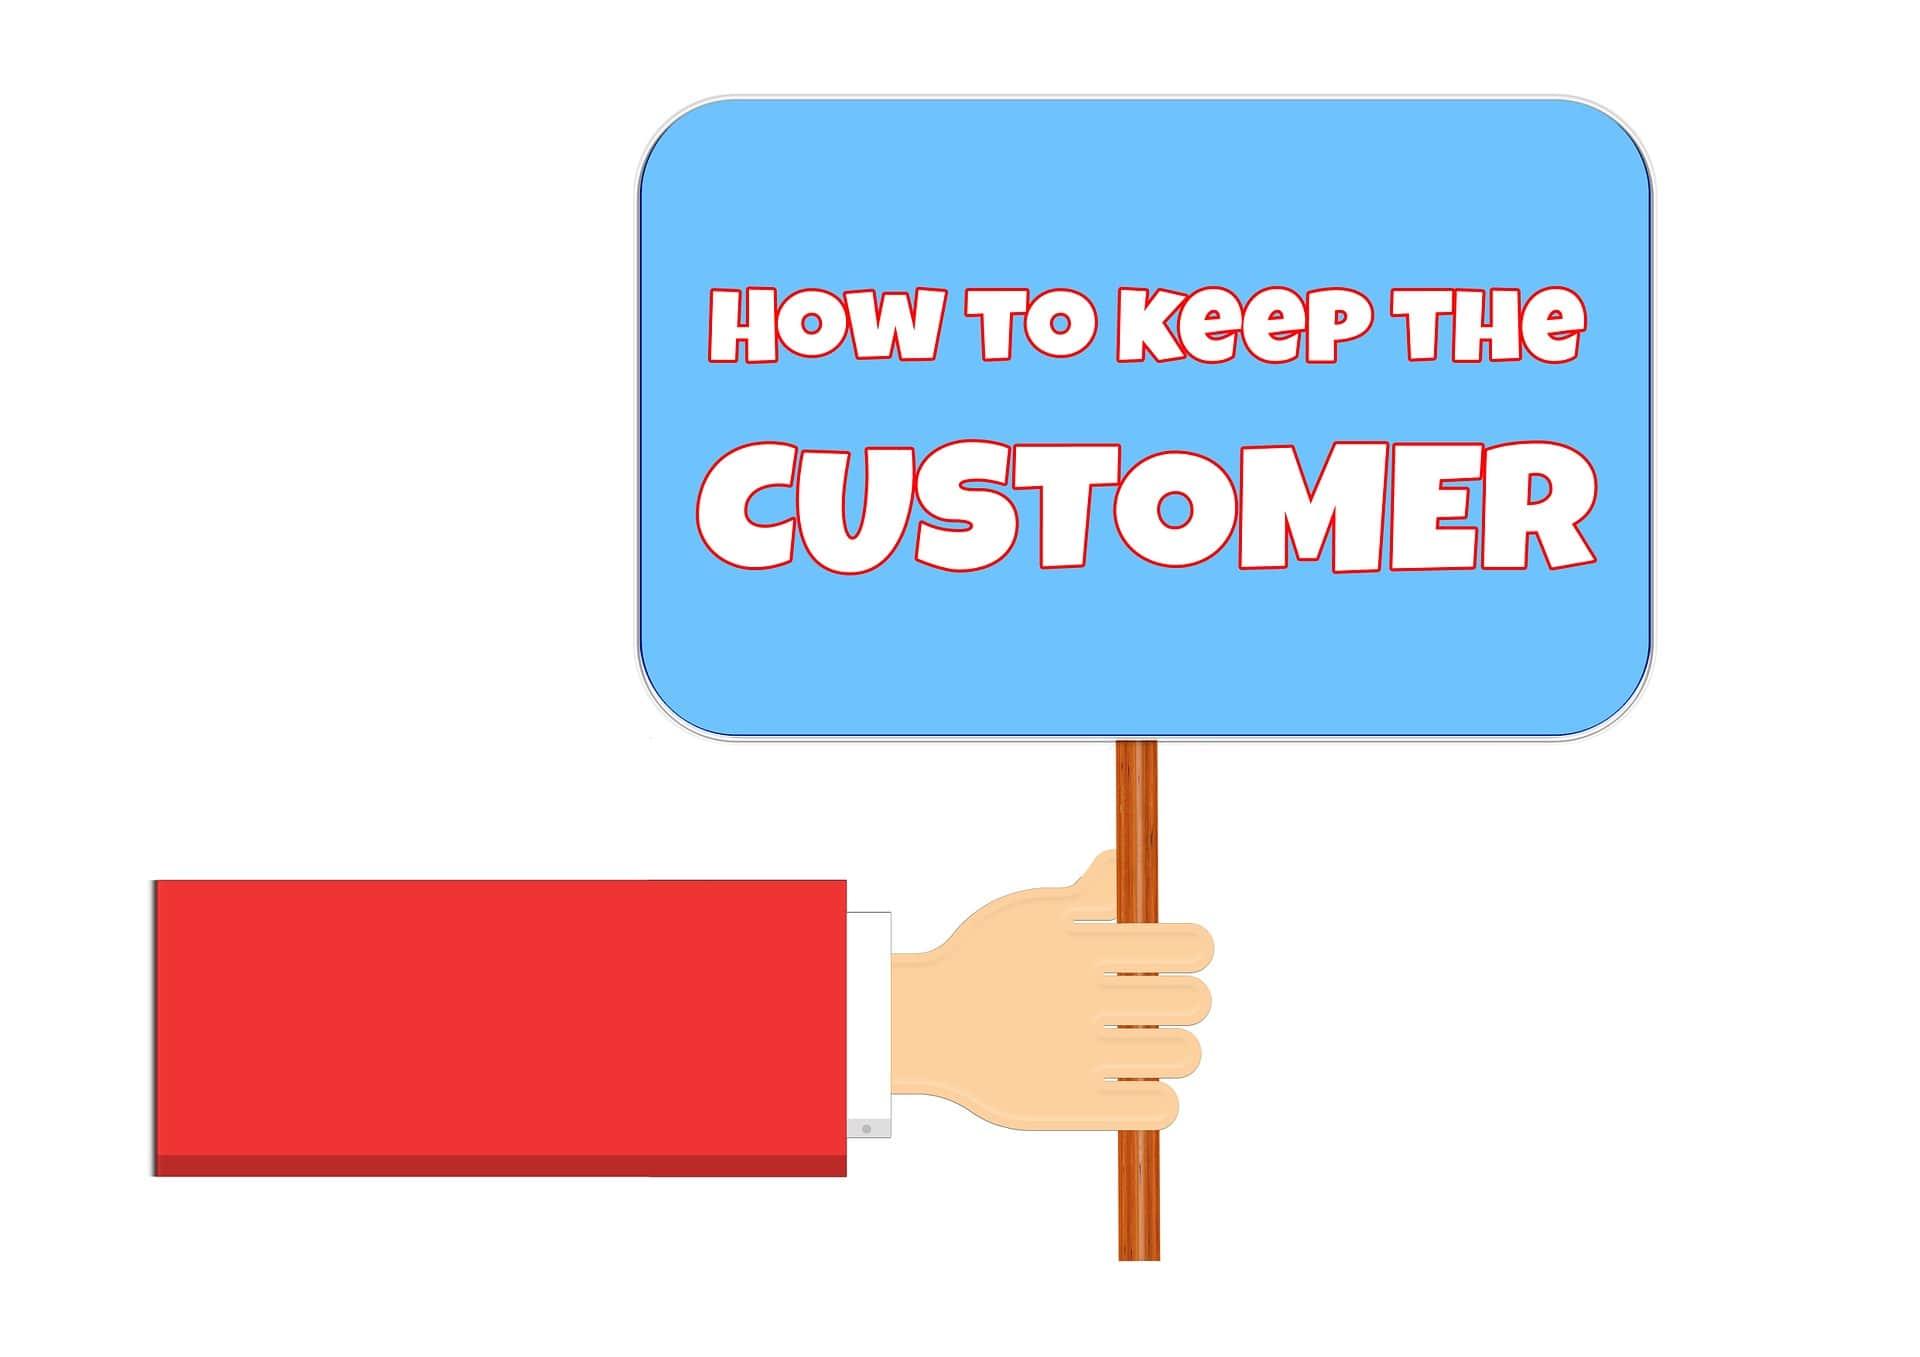 Una planificación de recursos humanso para evitar la espera a tus clientes